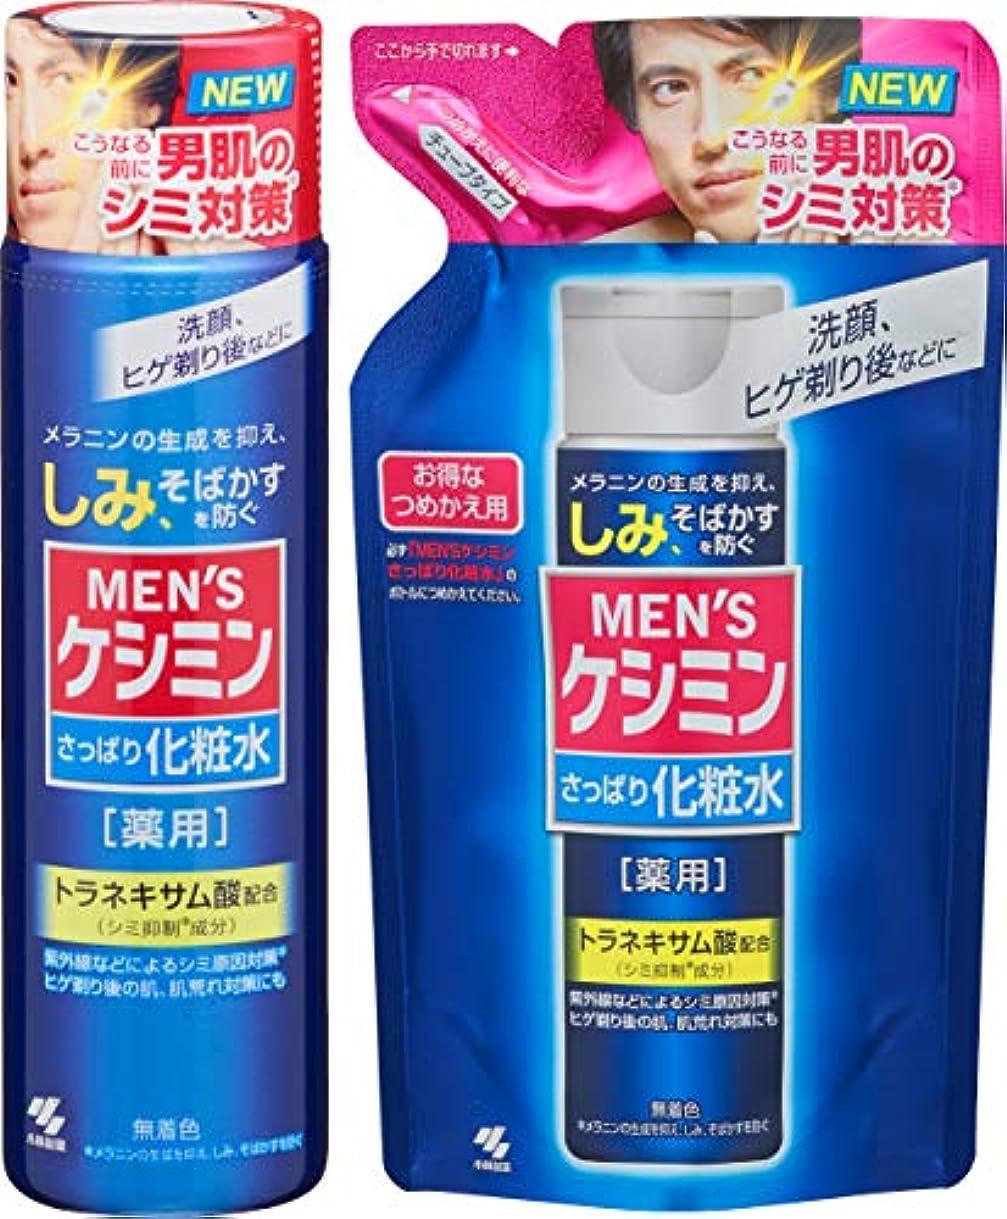 テニス間違っている次【まとめ買い】メンズケシミン化粧水 男のシミ対策 本体 160ml + メンズケシミン化粧水 詰め替え用 140ml 【医薬部外品】